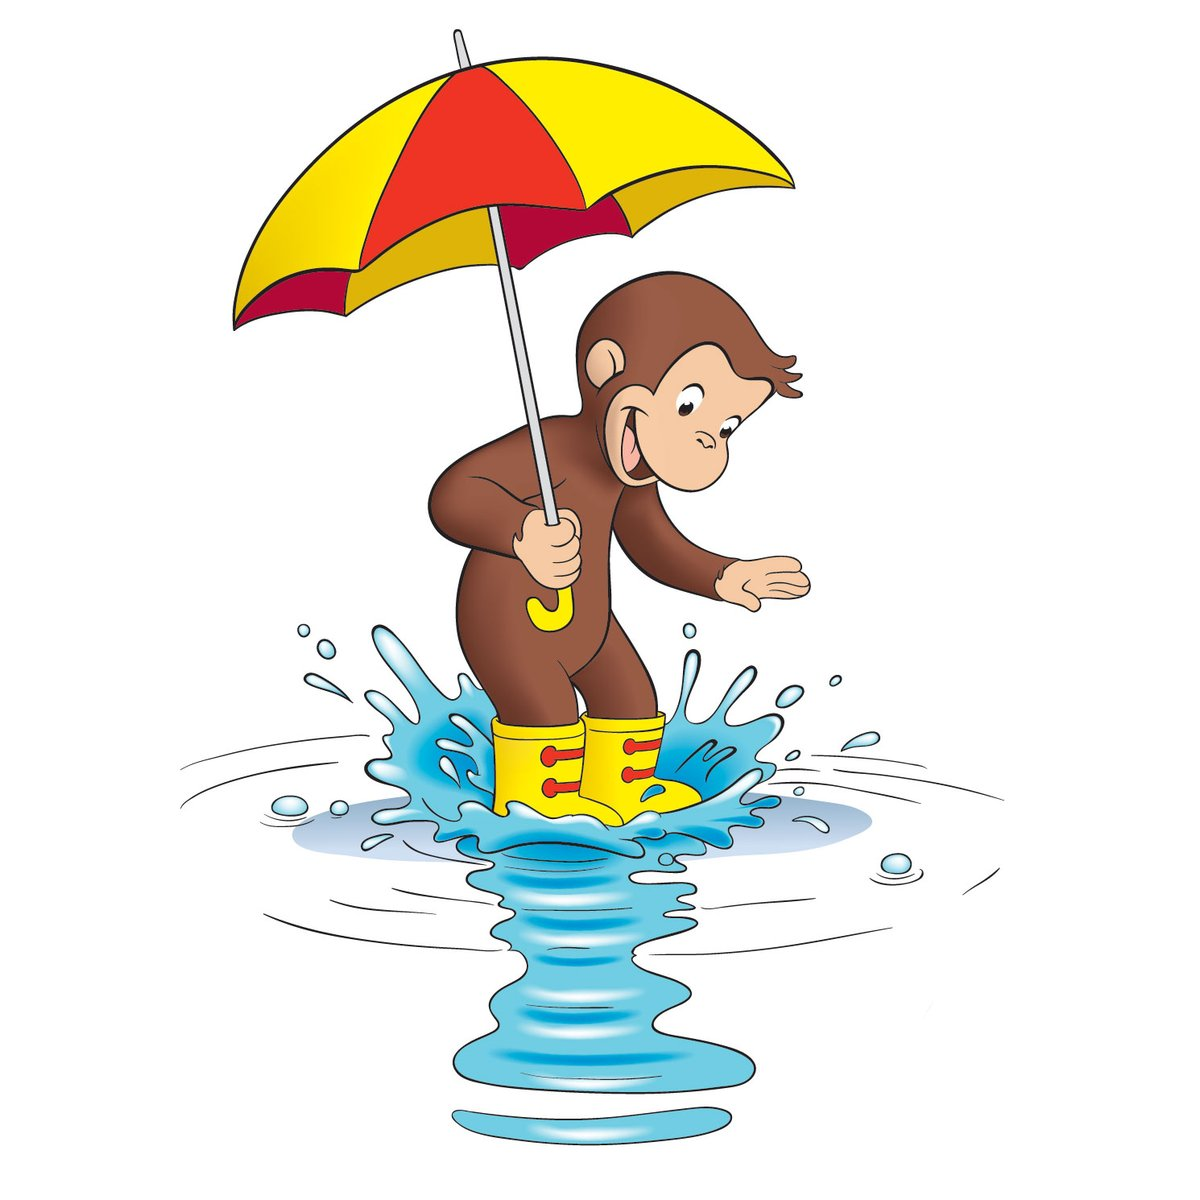 おさるのジョージ 公式 あしたはどんな天気かな バシャバシャ ジャポンッ 雨の日もジョージは楽しいこといっぱい おさるのジョージ おさるのジョージ部